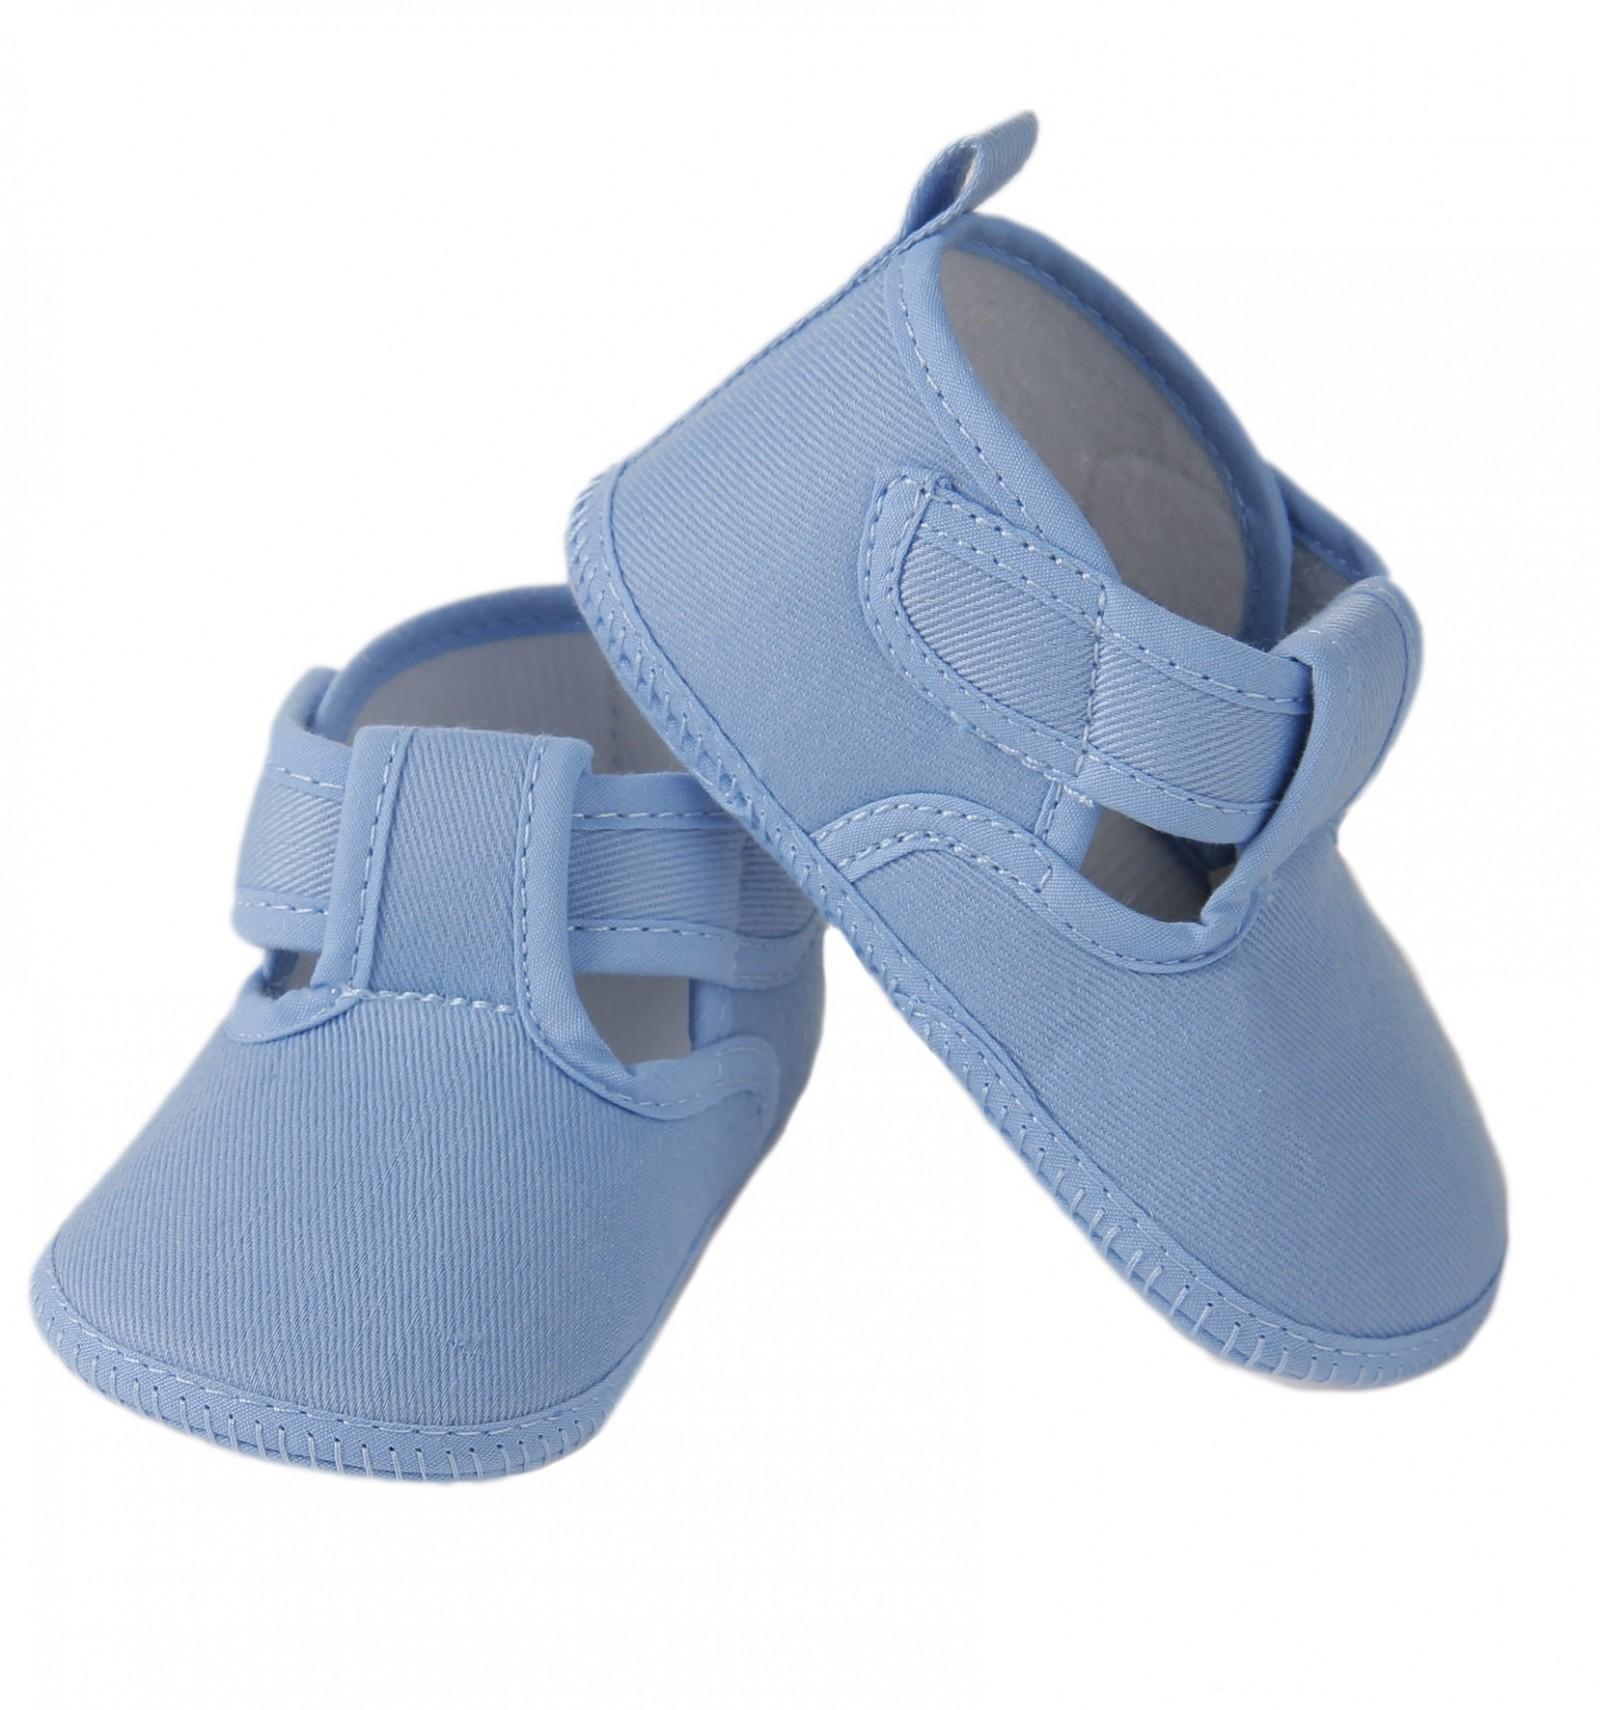 816b7969 Zapatos de tela para bebé niño